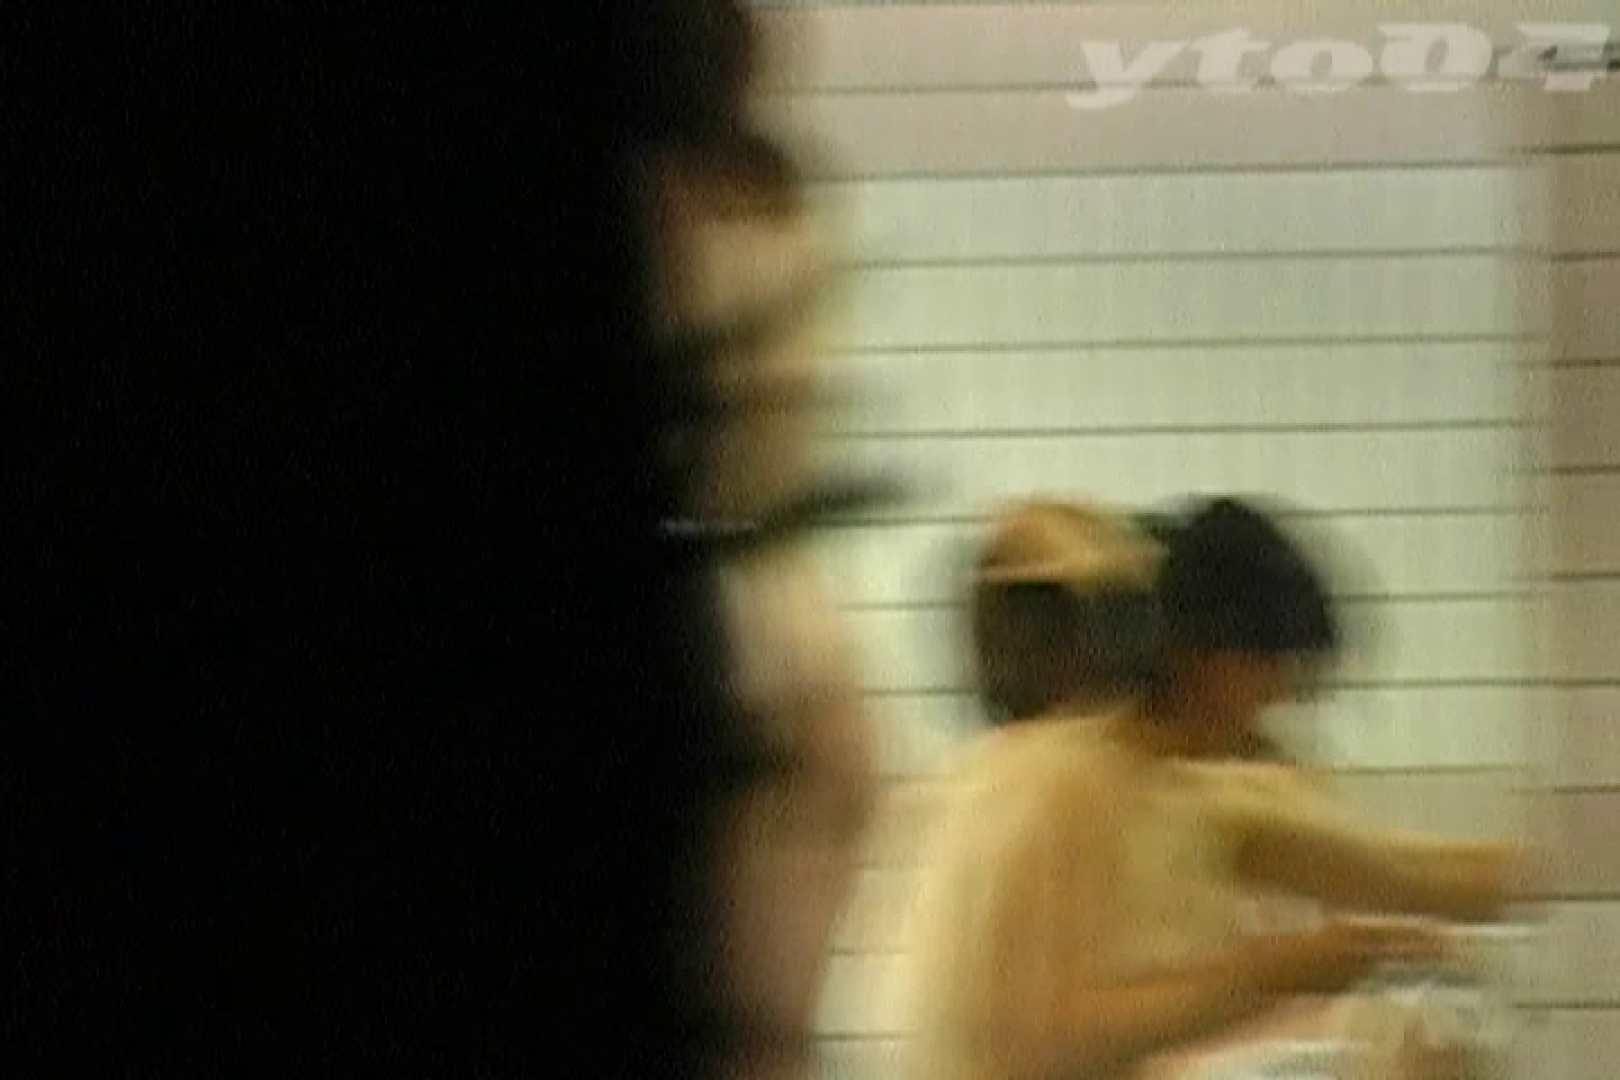 ▲復活限定▲合宿ホテル女風呂盗撮 Vol.24 ホテル 覗きおまんこ画像 75連発 10